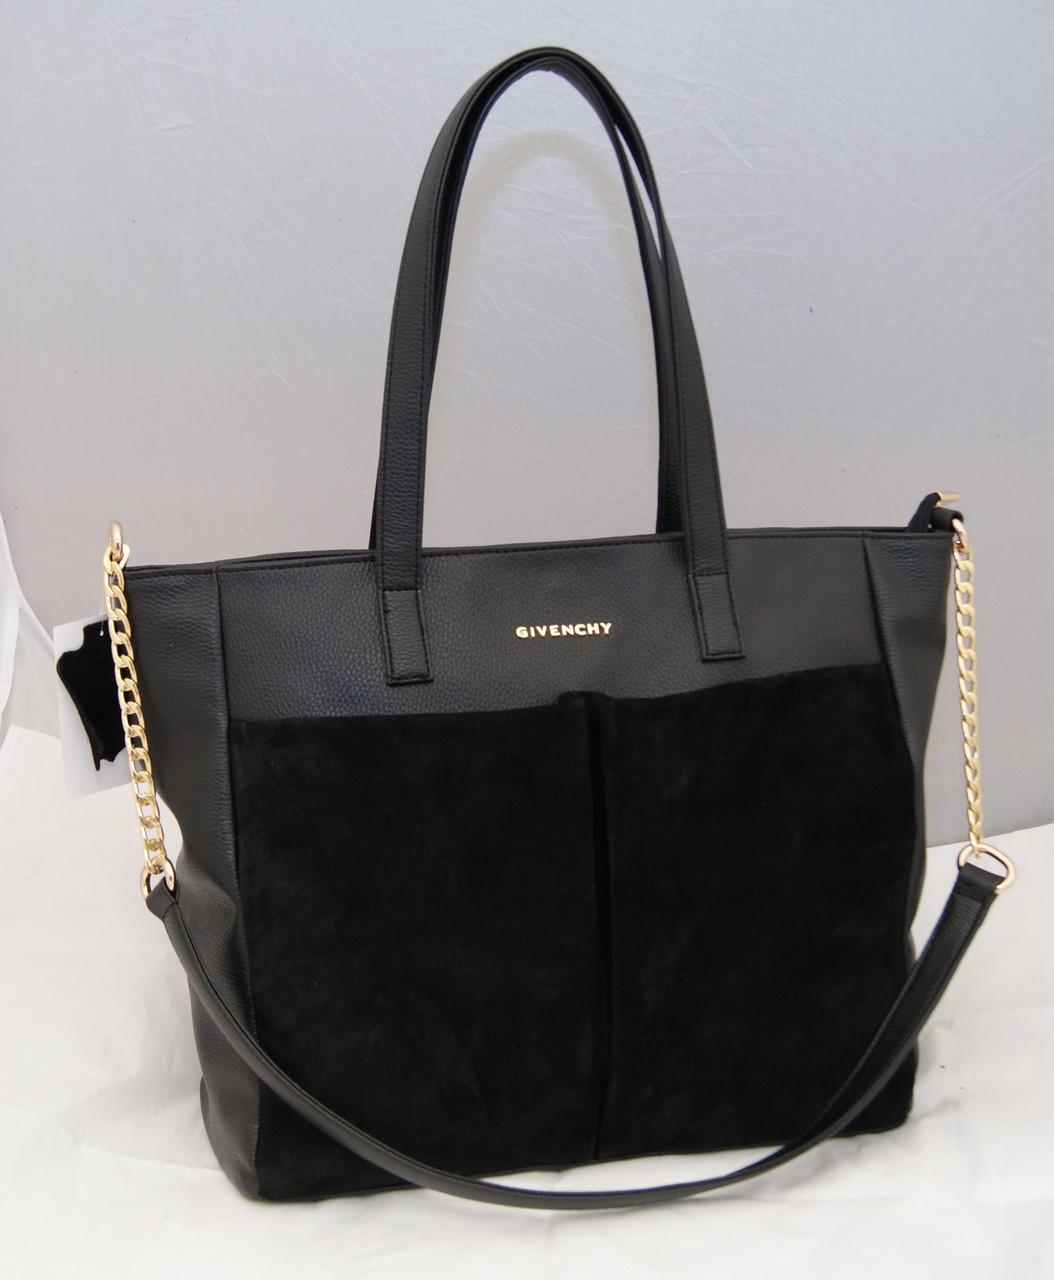 Женская замшевая сумка Givenchy, цвет черный Живанши